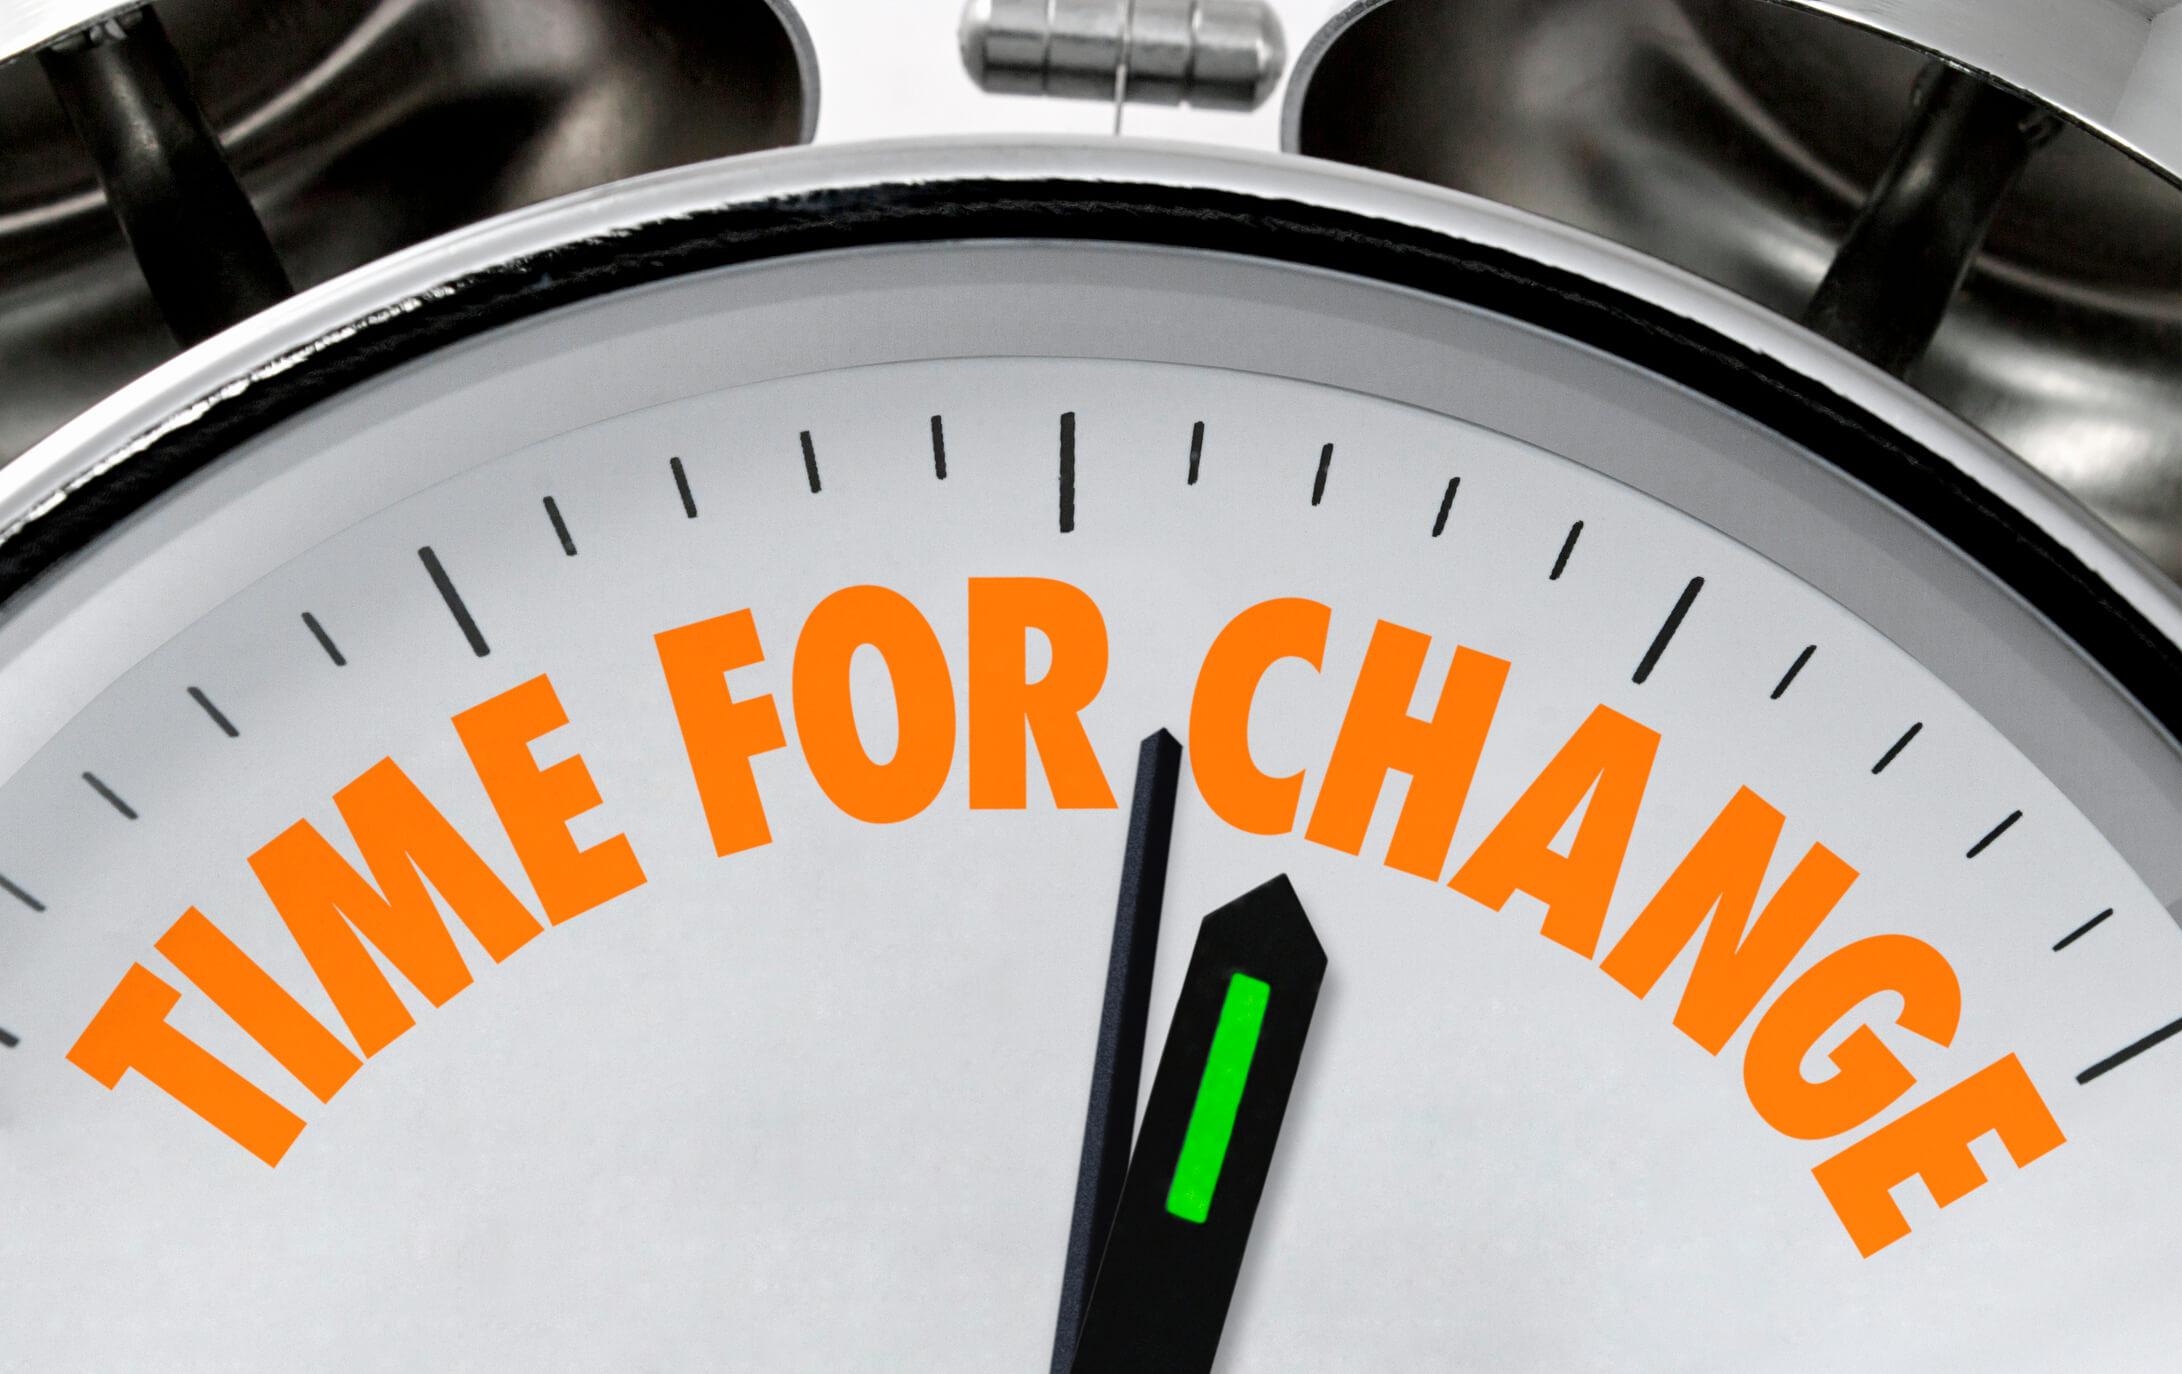 Como cambiar la cultura organizacional en diez pasos